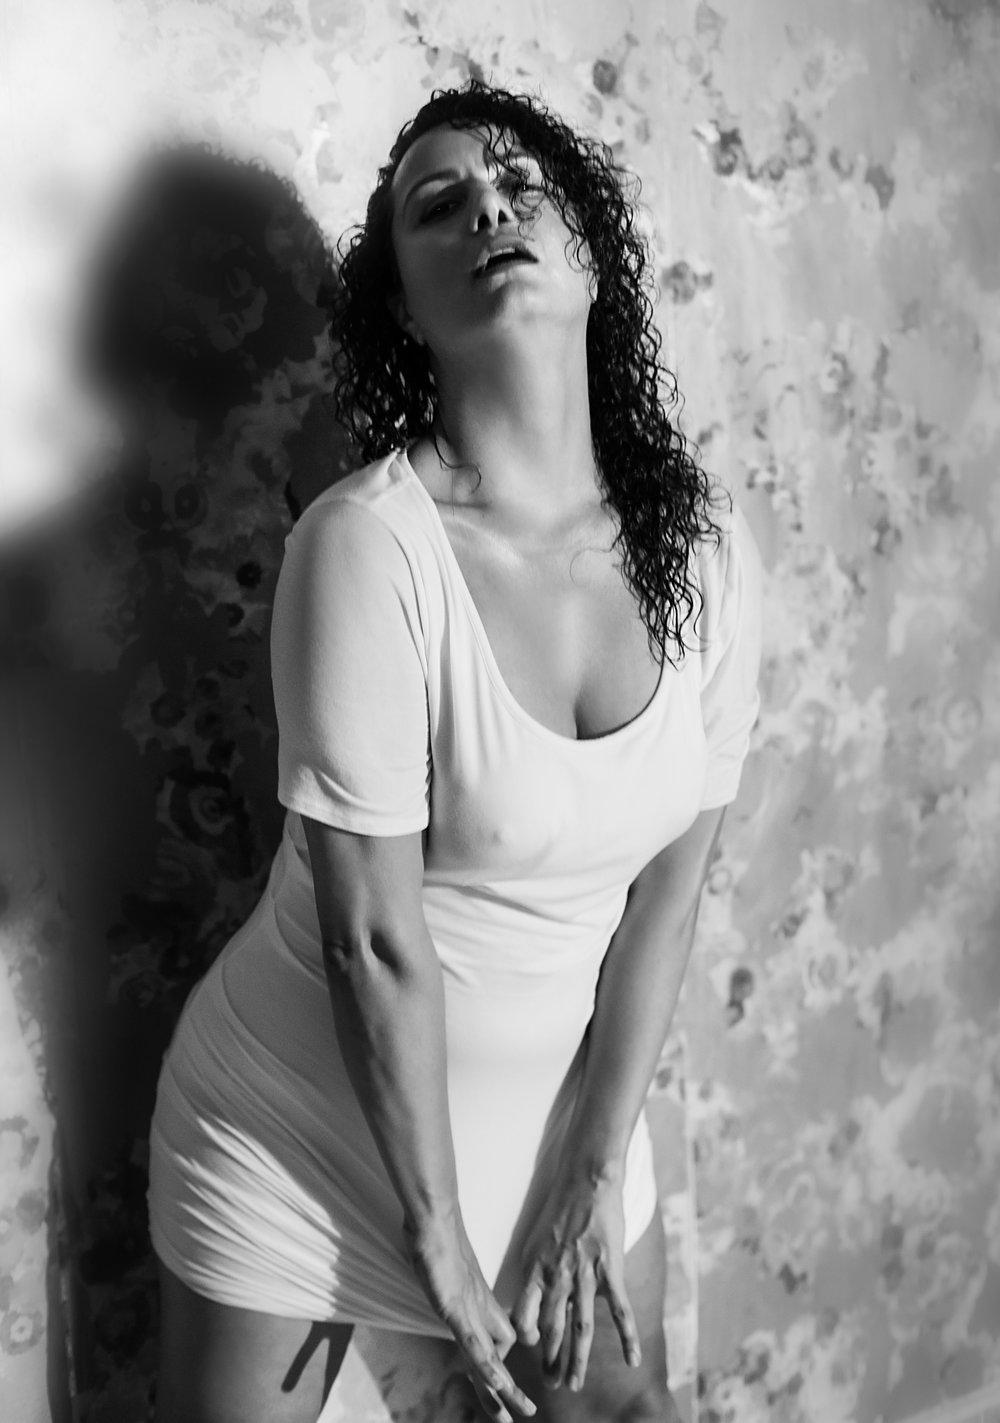 Lucia Grillo0598 300dpi.jpg